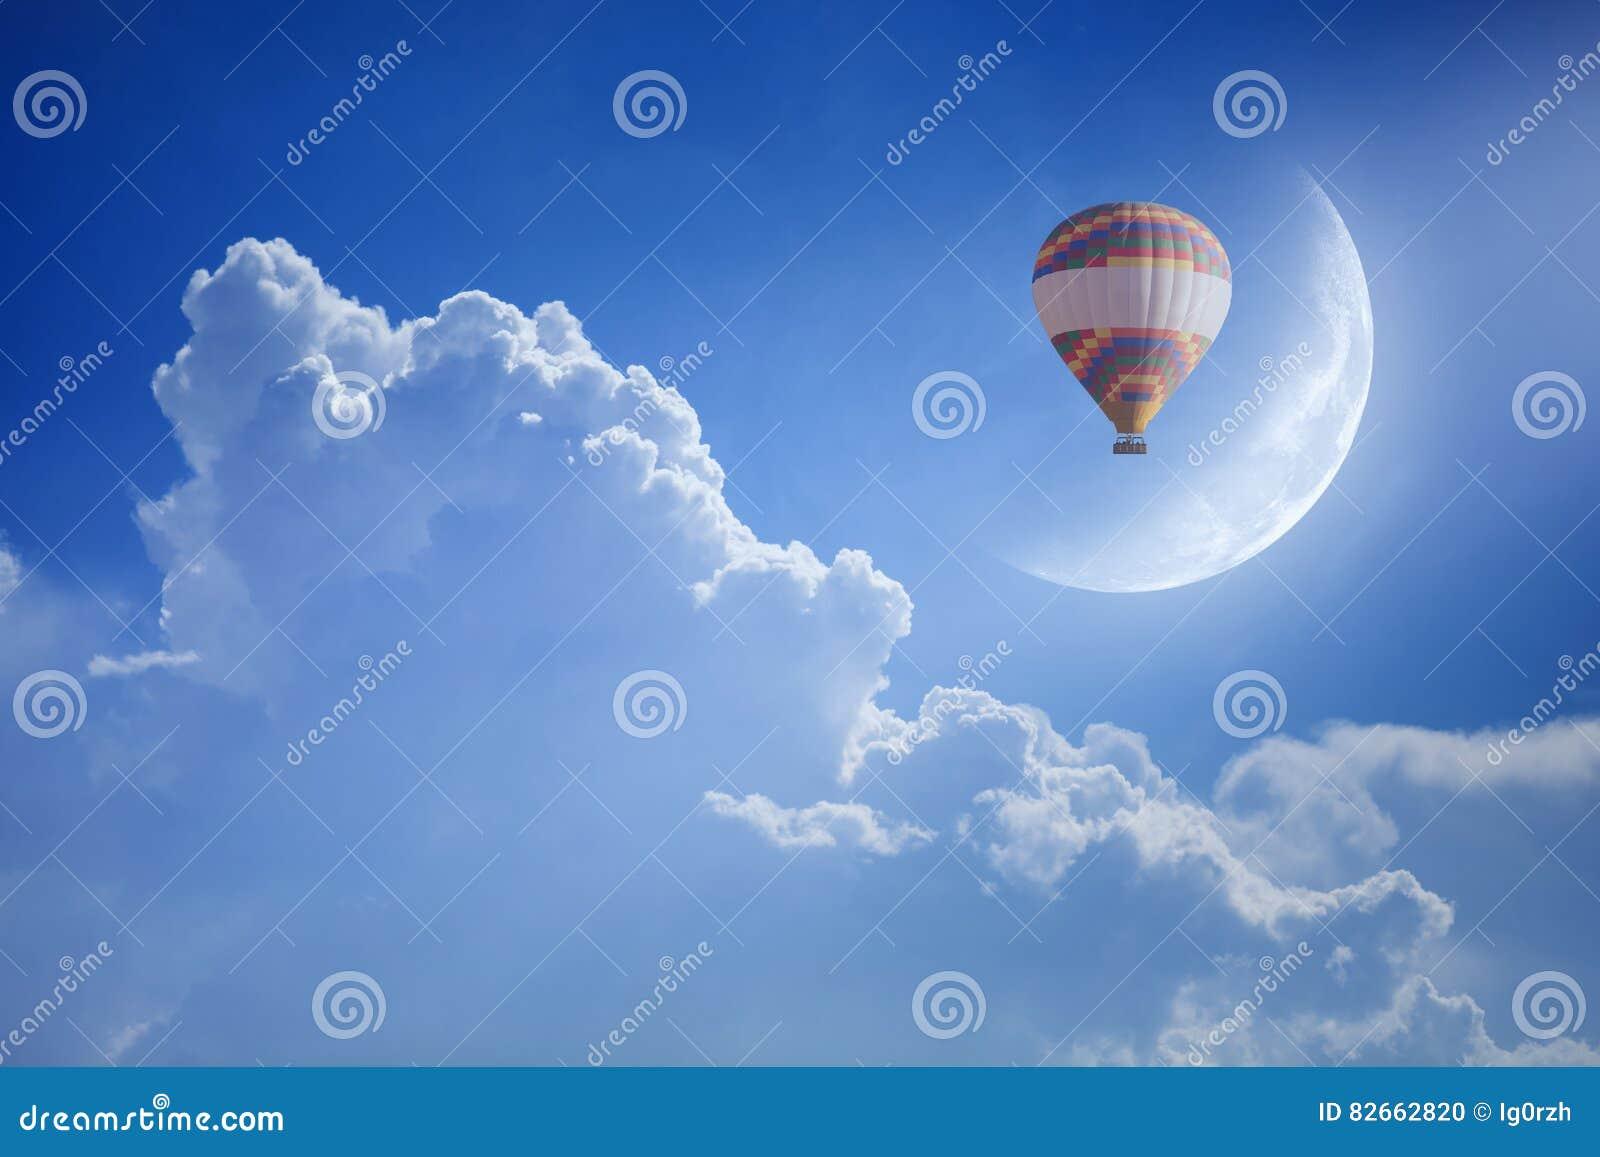 Kolorowy gorące powietrze balon wzrasta up w niebieskie niebo nad biel chmura